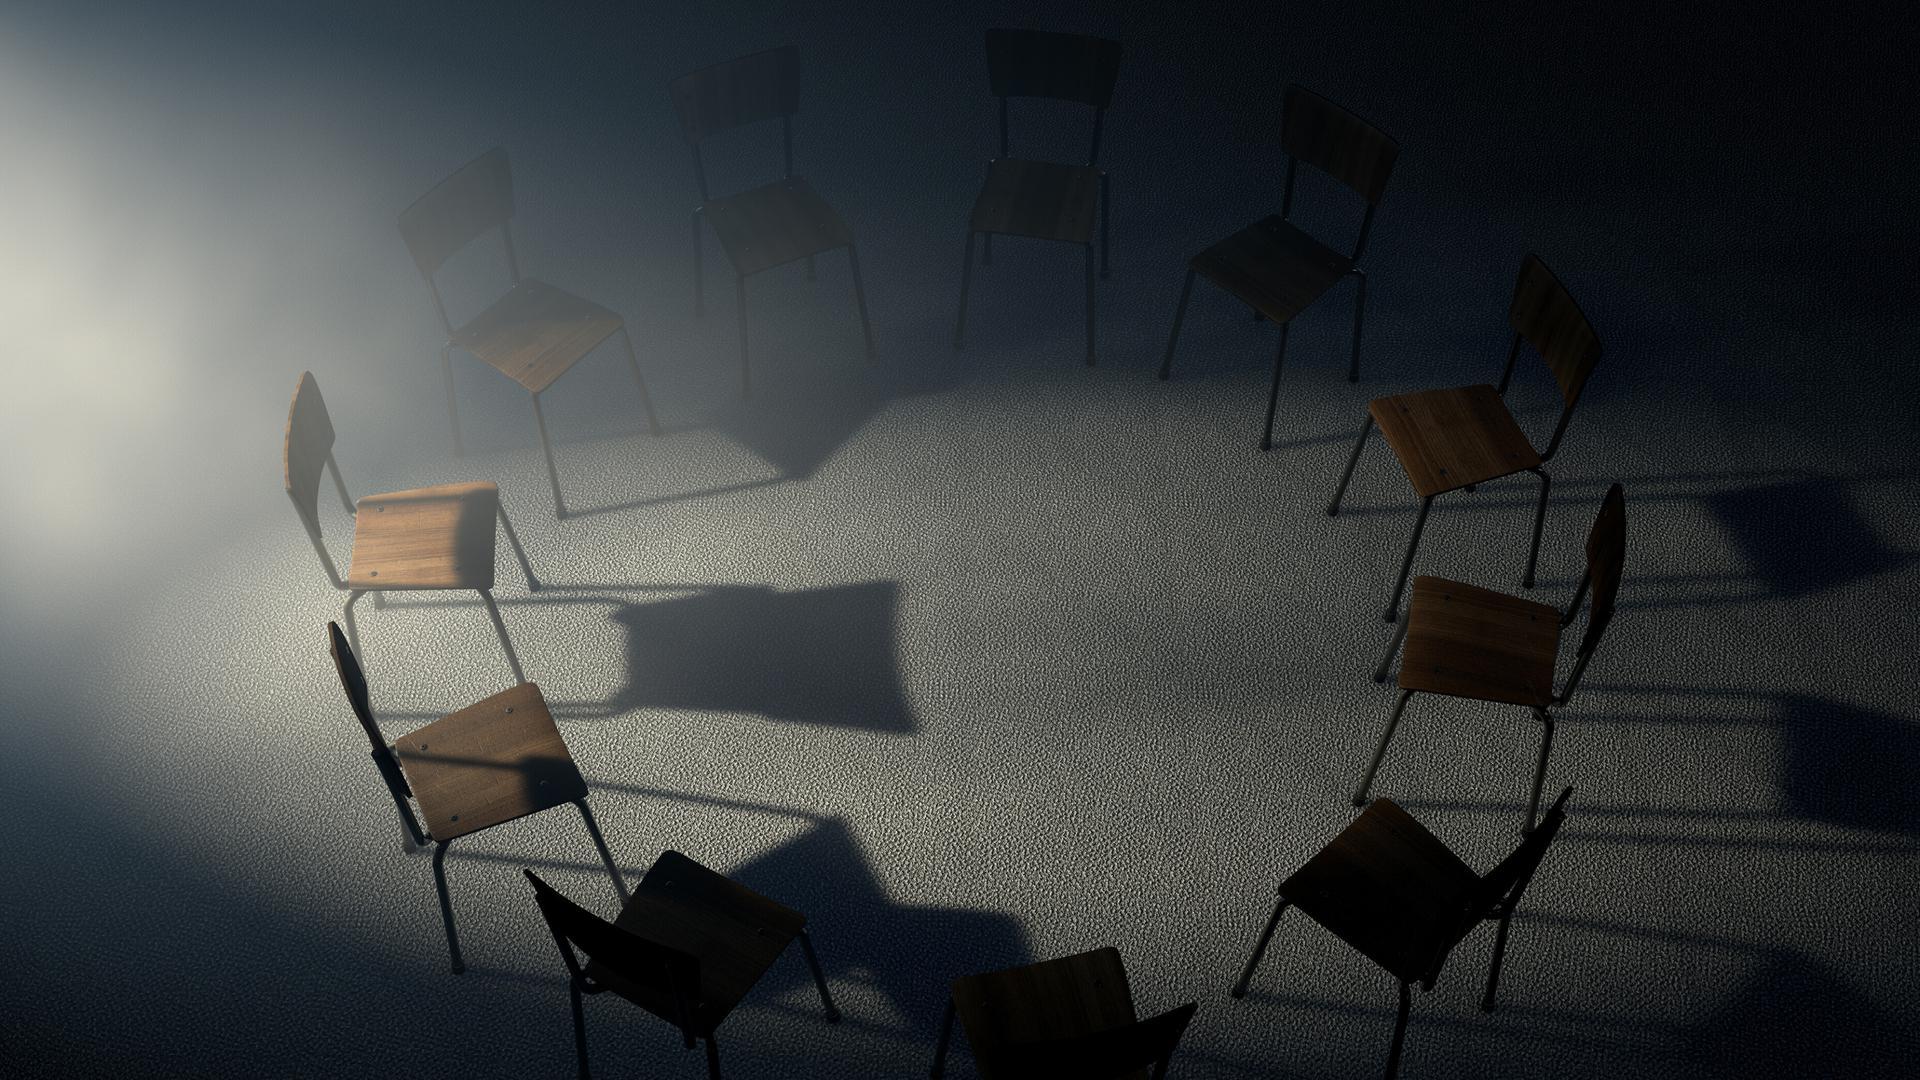 Stühle stehen in einem Kreis in einem dunklen Raum.